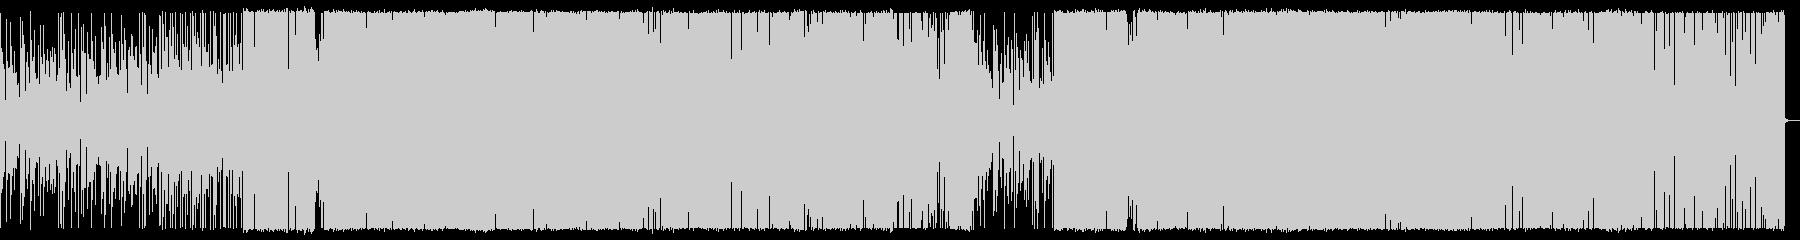 ハイセンスなDeep Houseの未再生の波形